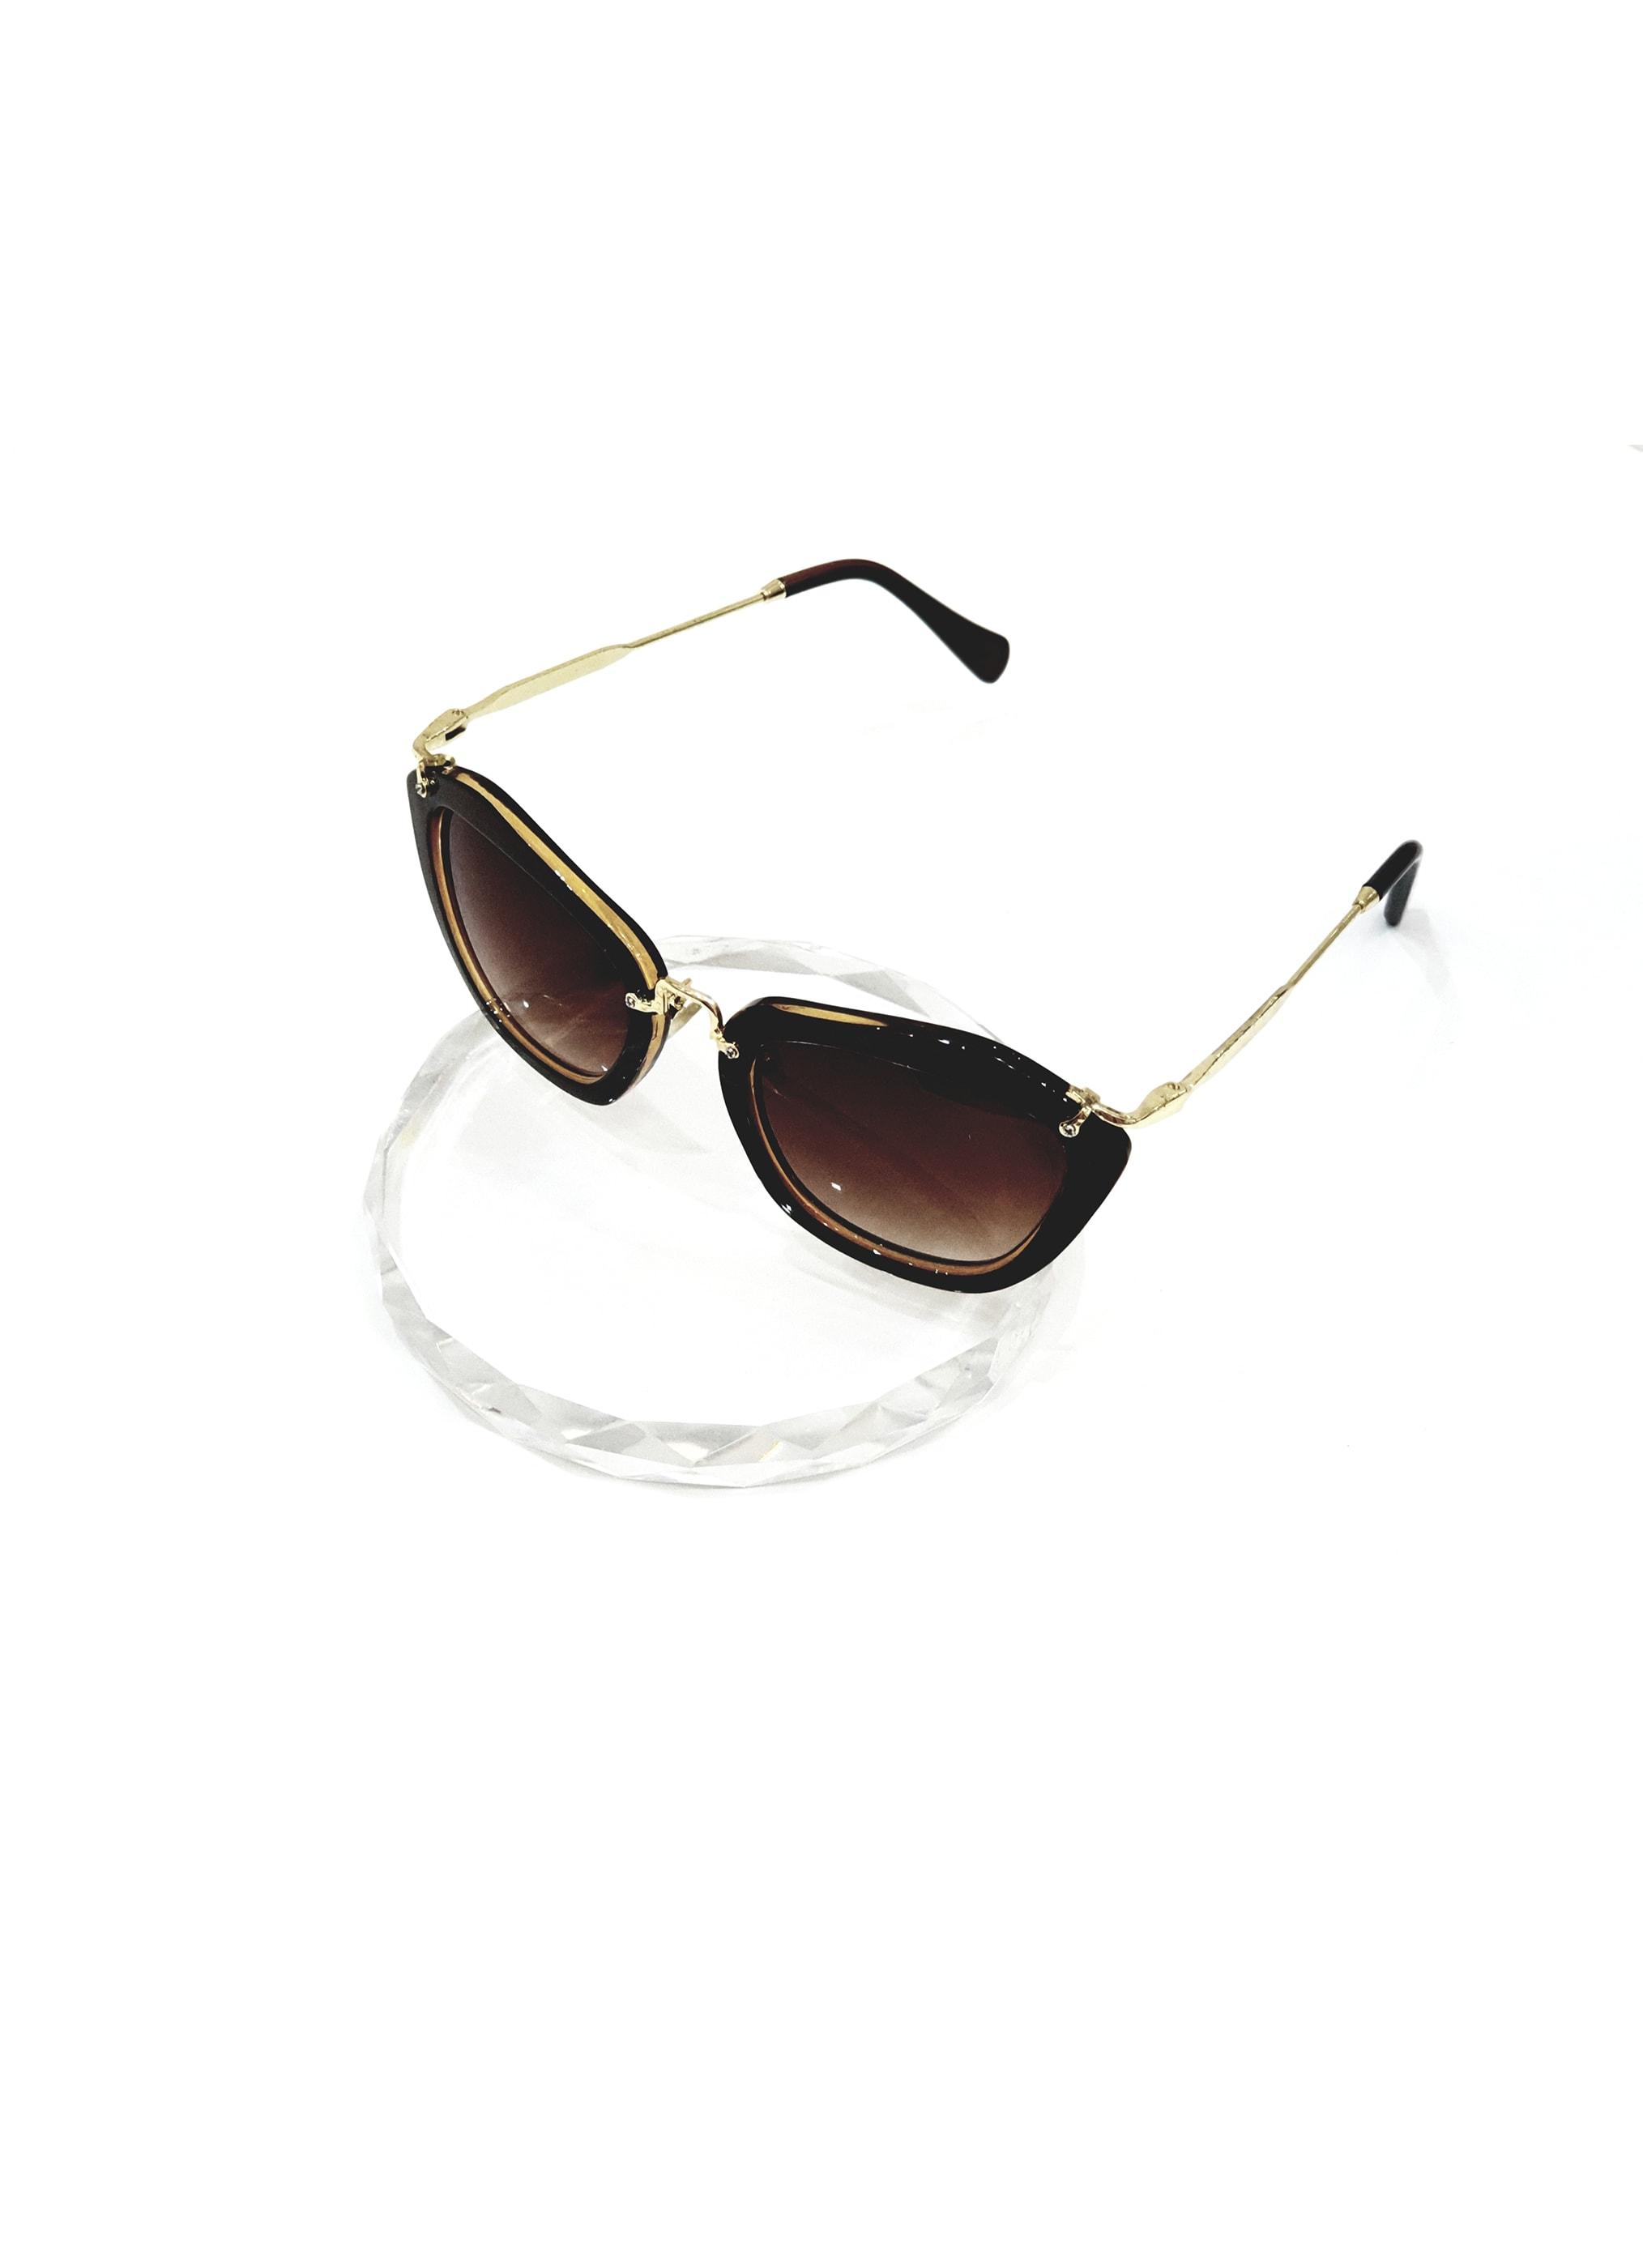 نظارة باللون البني و الذهبي